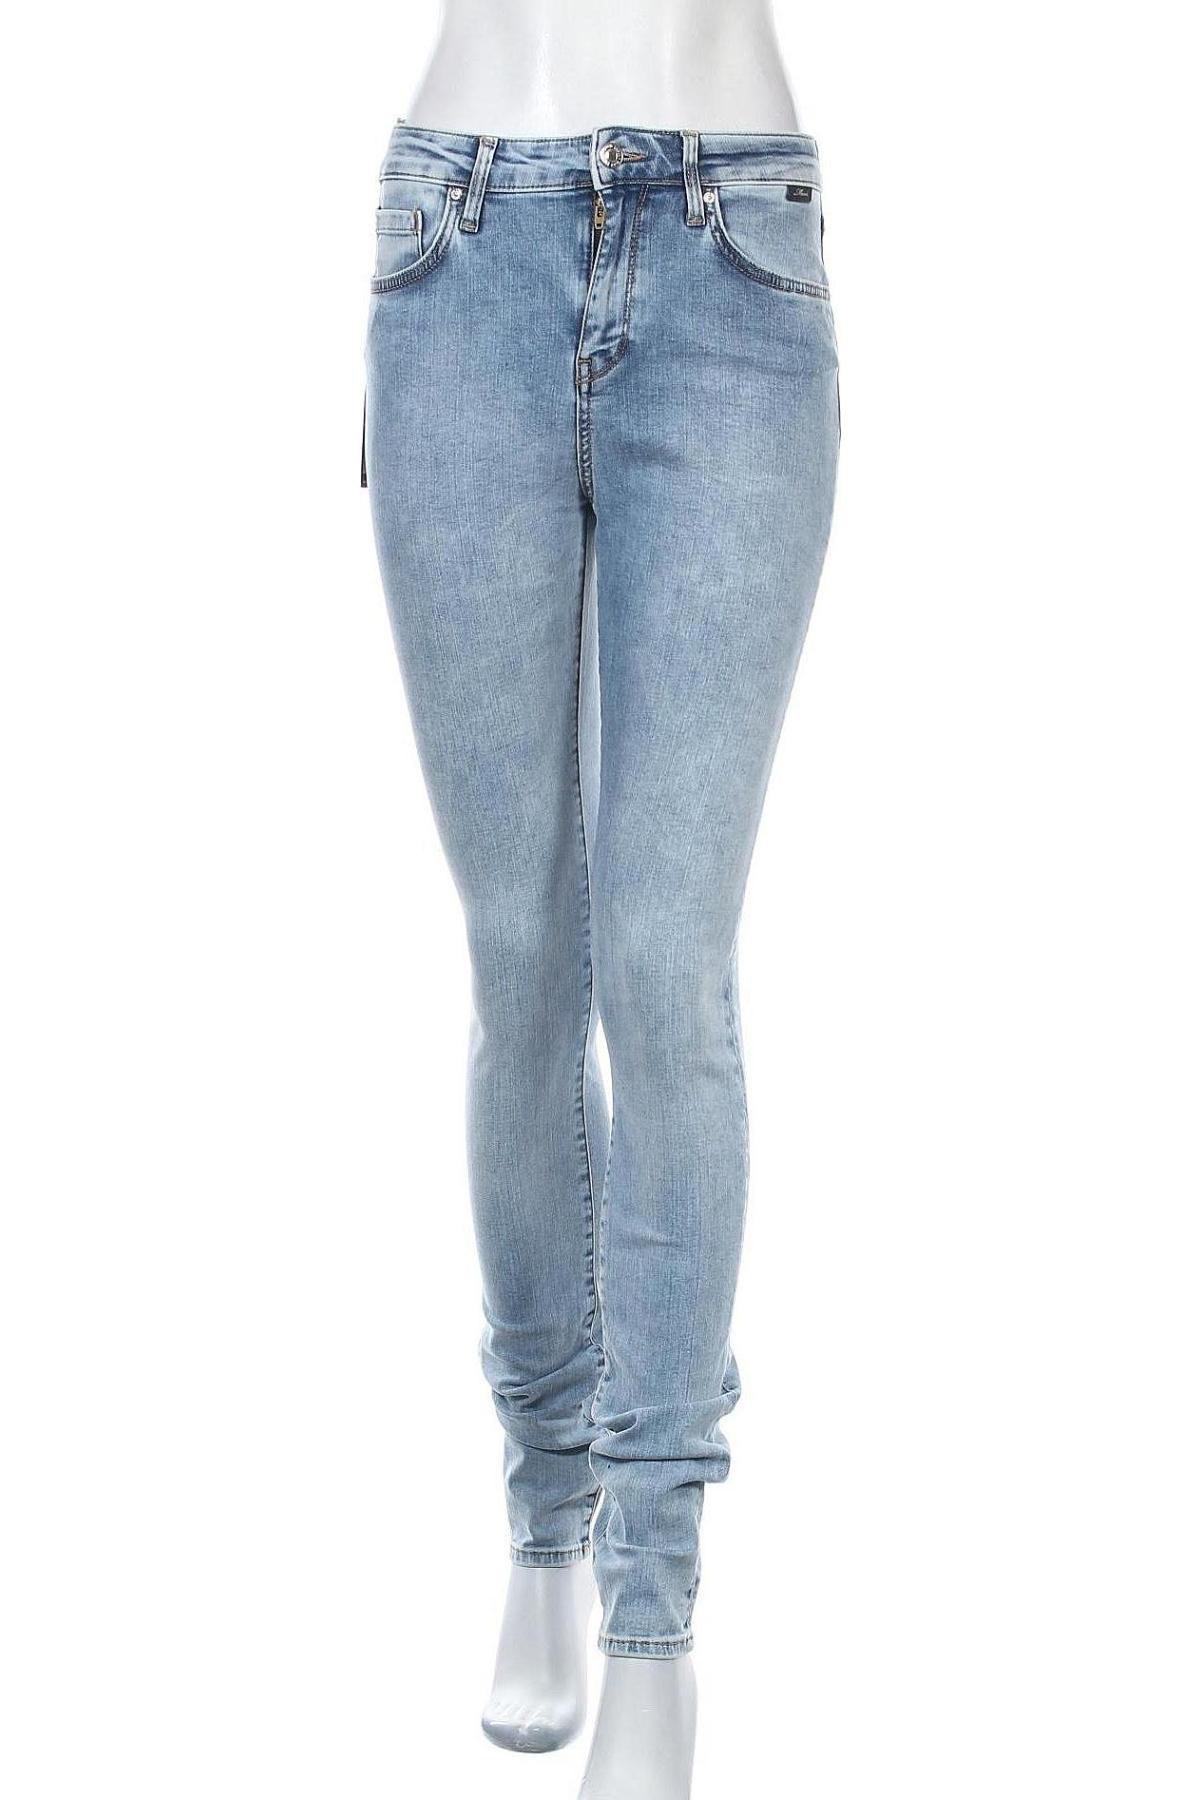 Дамски дънки Mavi, Размер S, Цвят Син, 84% памук, 9% полиестер, 5% вискоза, 2% еластан, Цена 25,90лв.